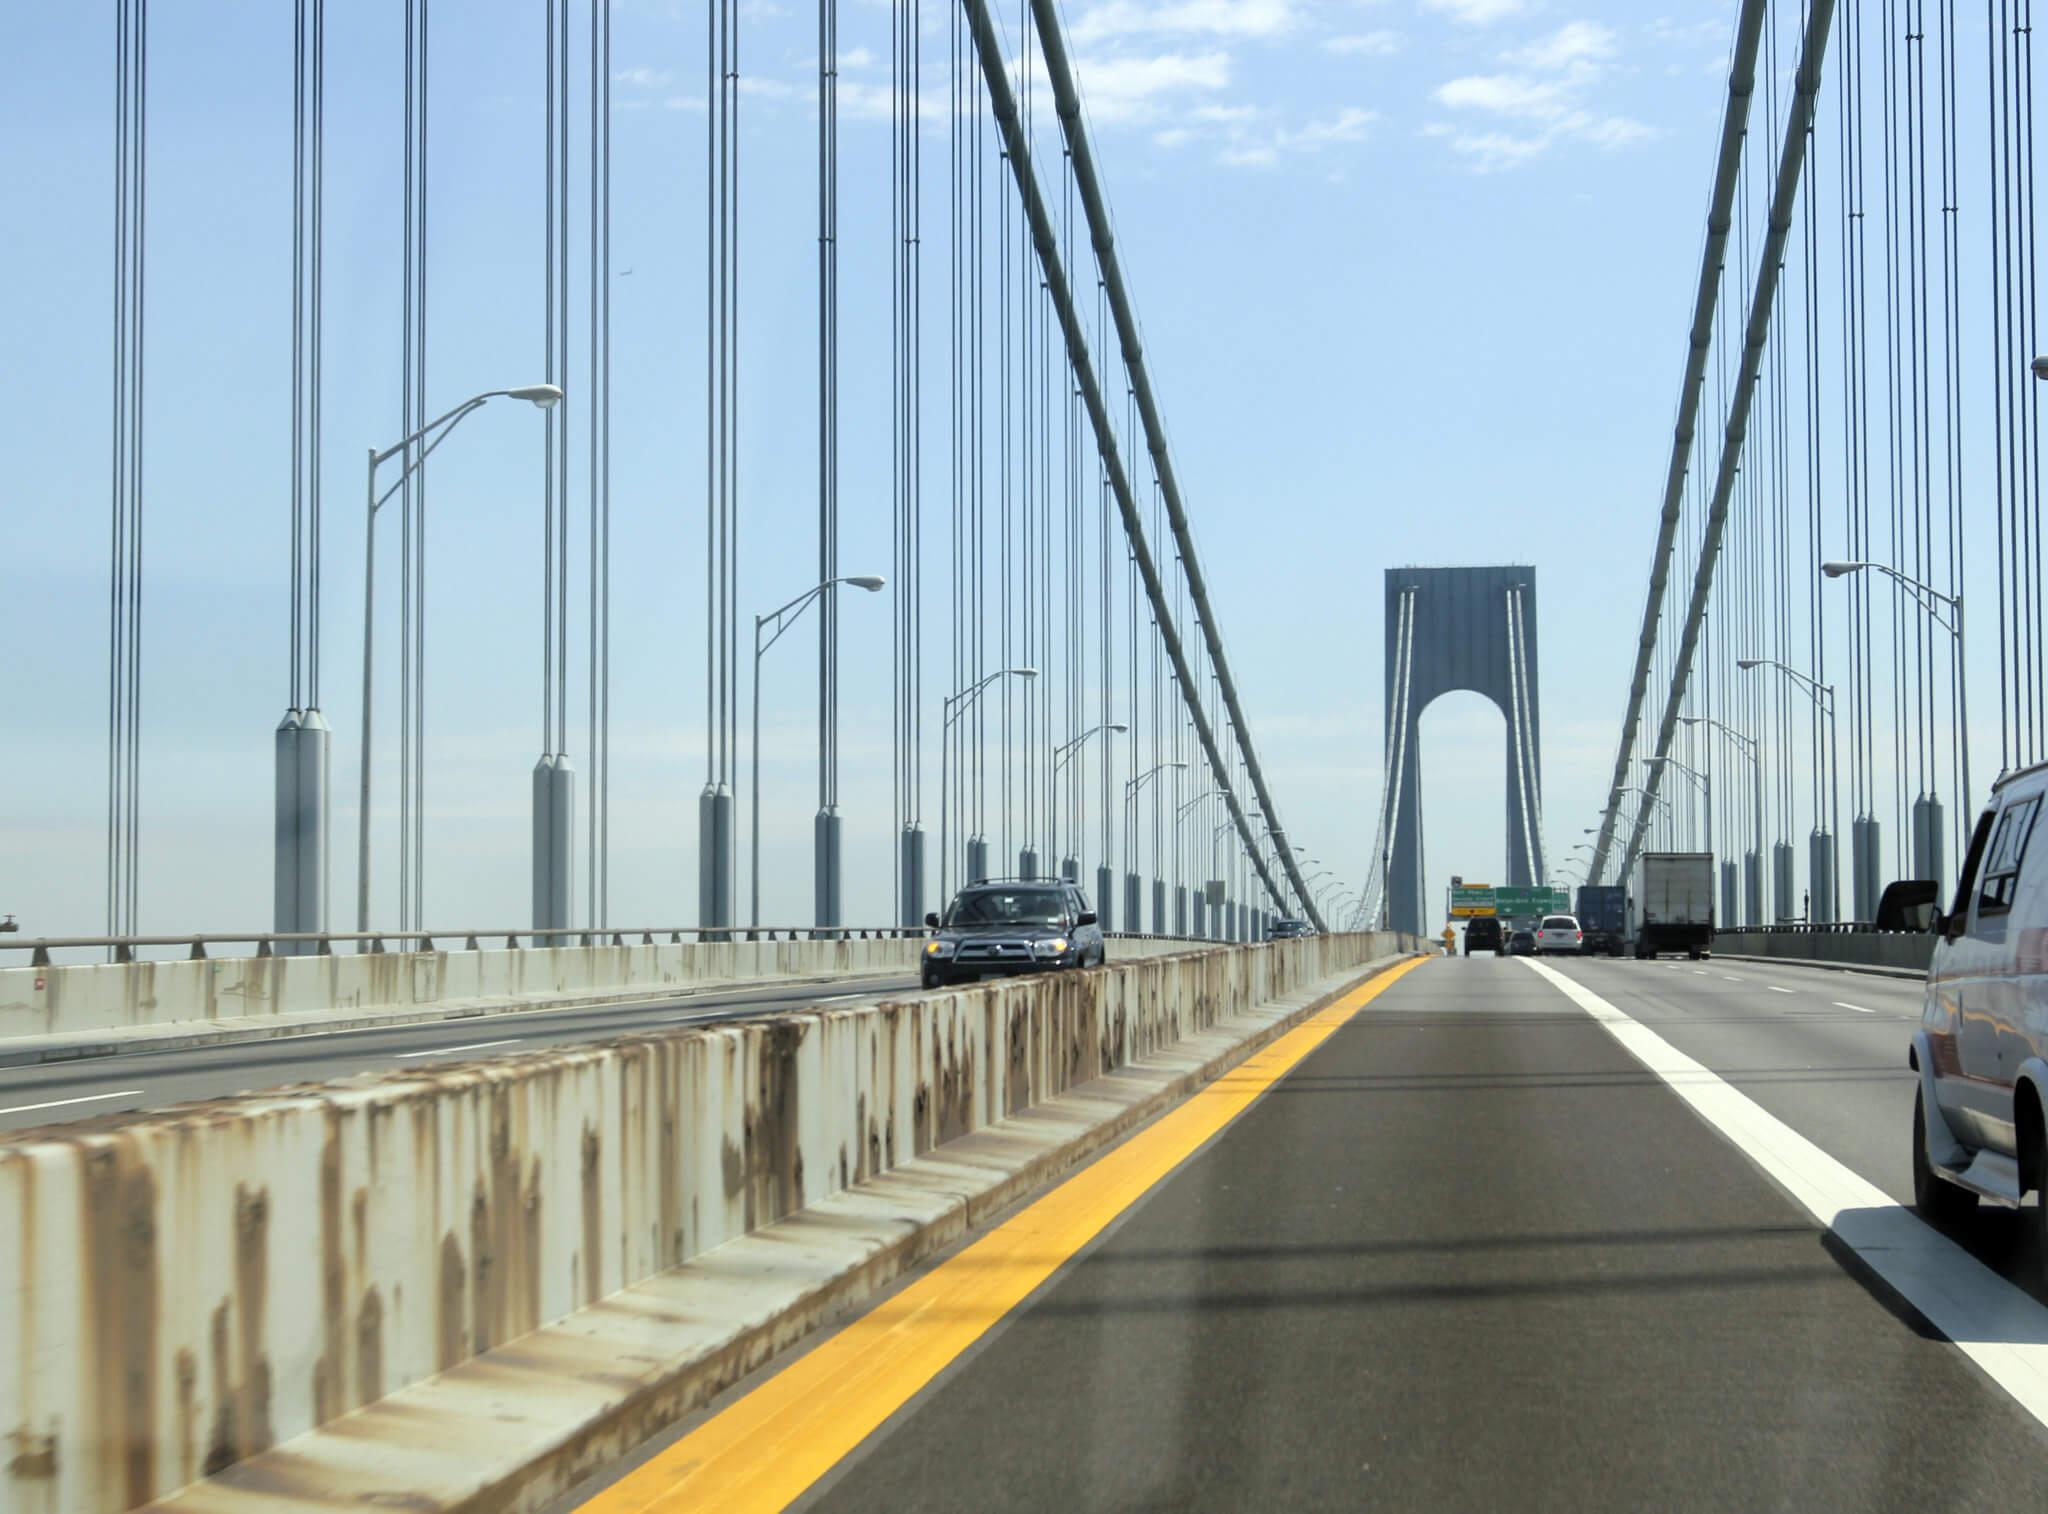 Queens-Midtown Tunnel & Verrazano Bridge Security System Upgrade